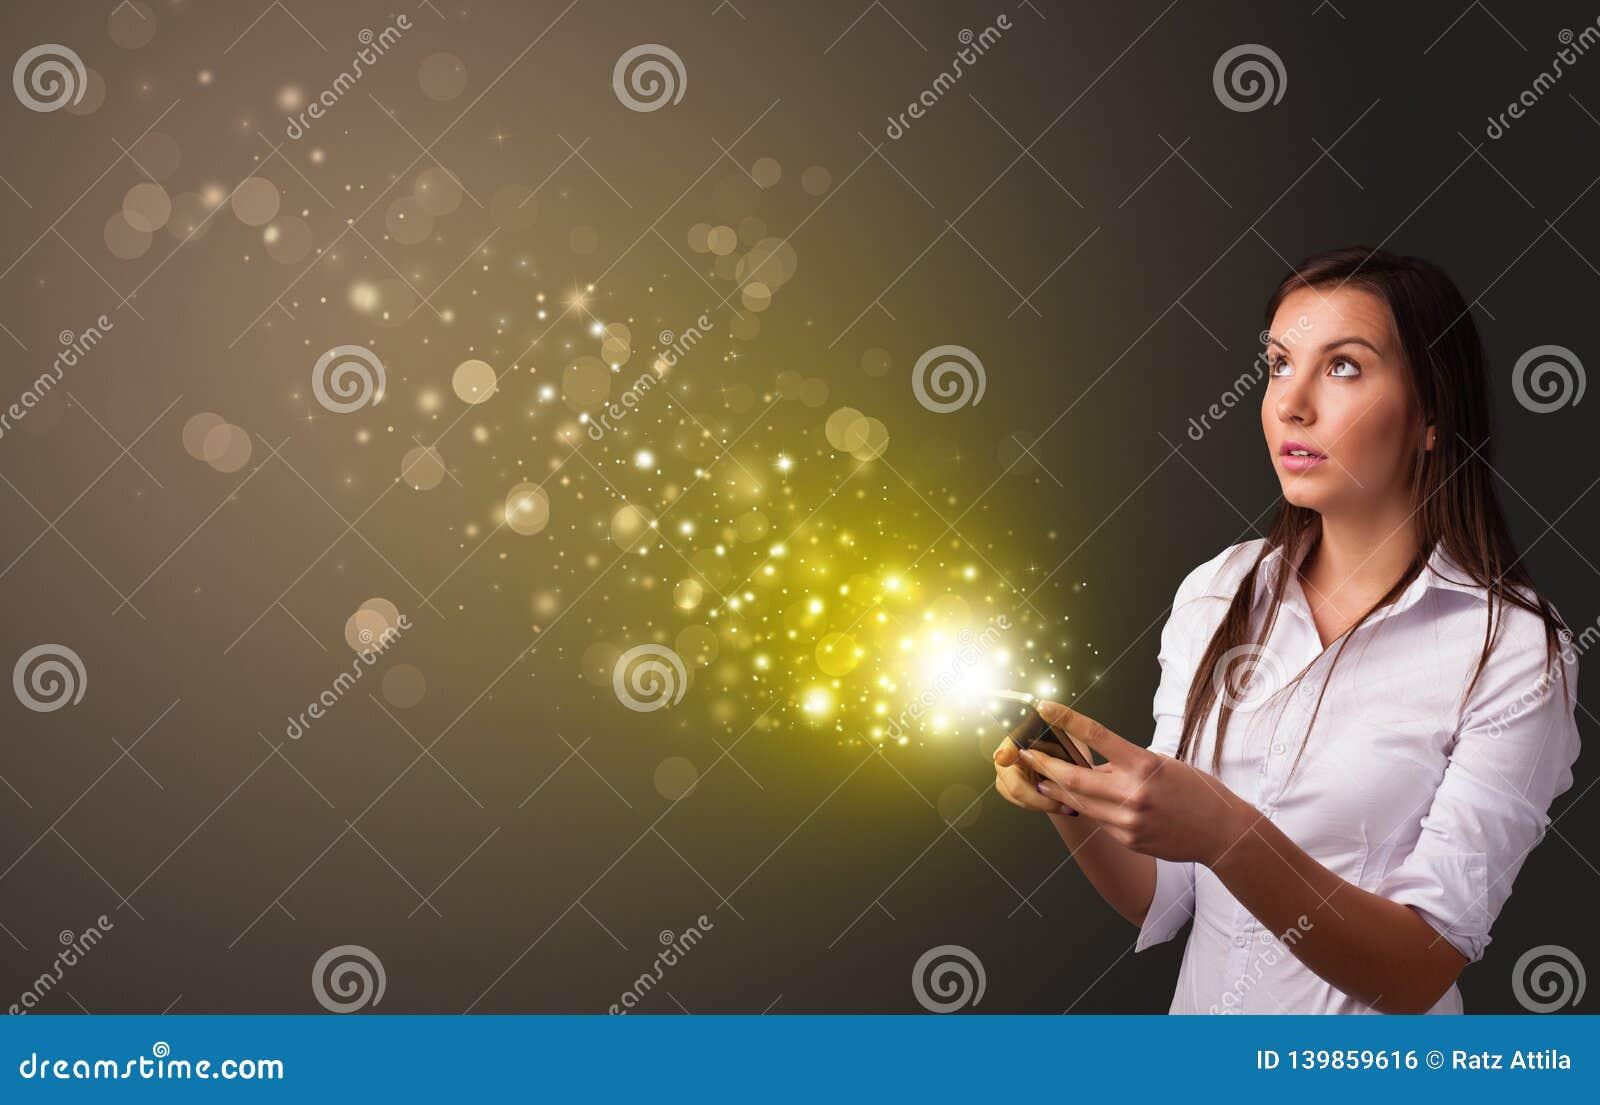 Usando el teléfono con concepto chispeante del oro